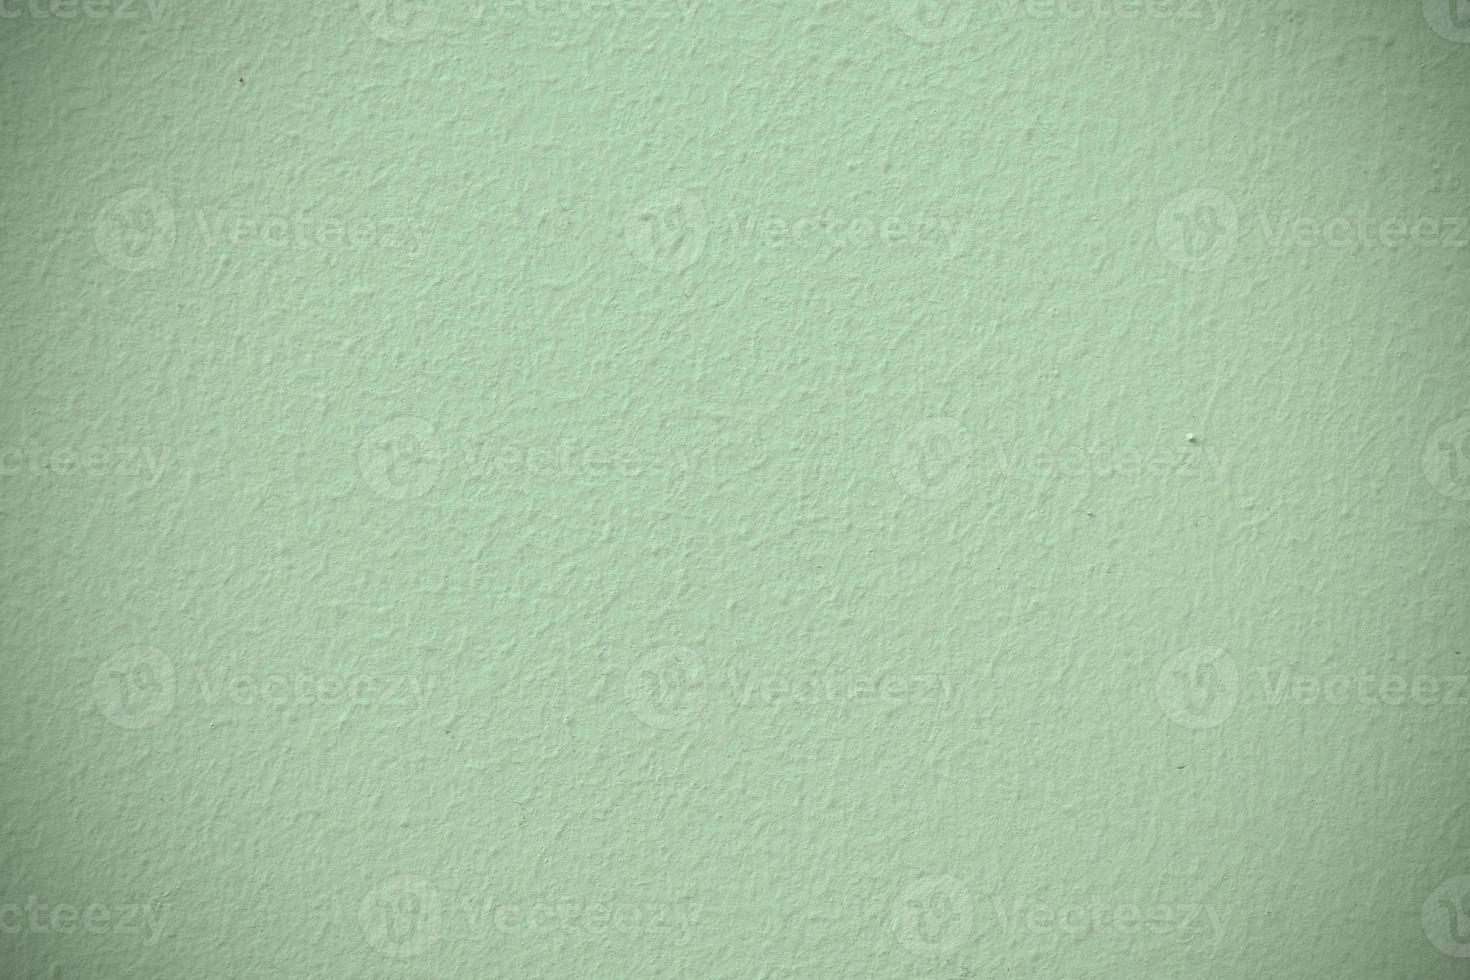 vignette de texture de ciment vert utilisé pour le fond photo